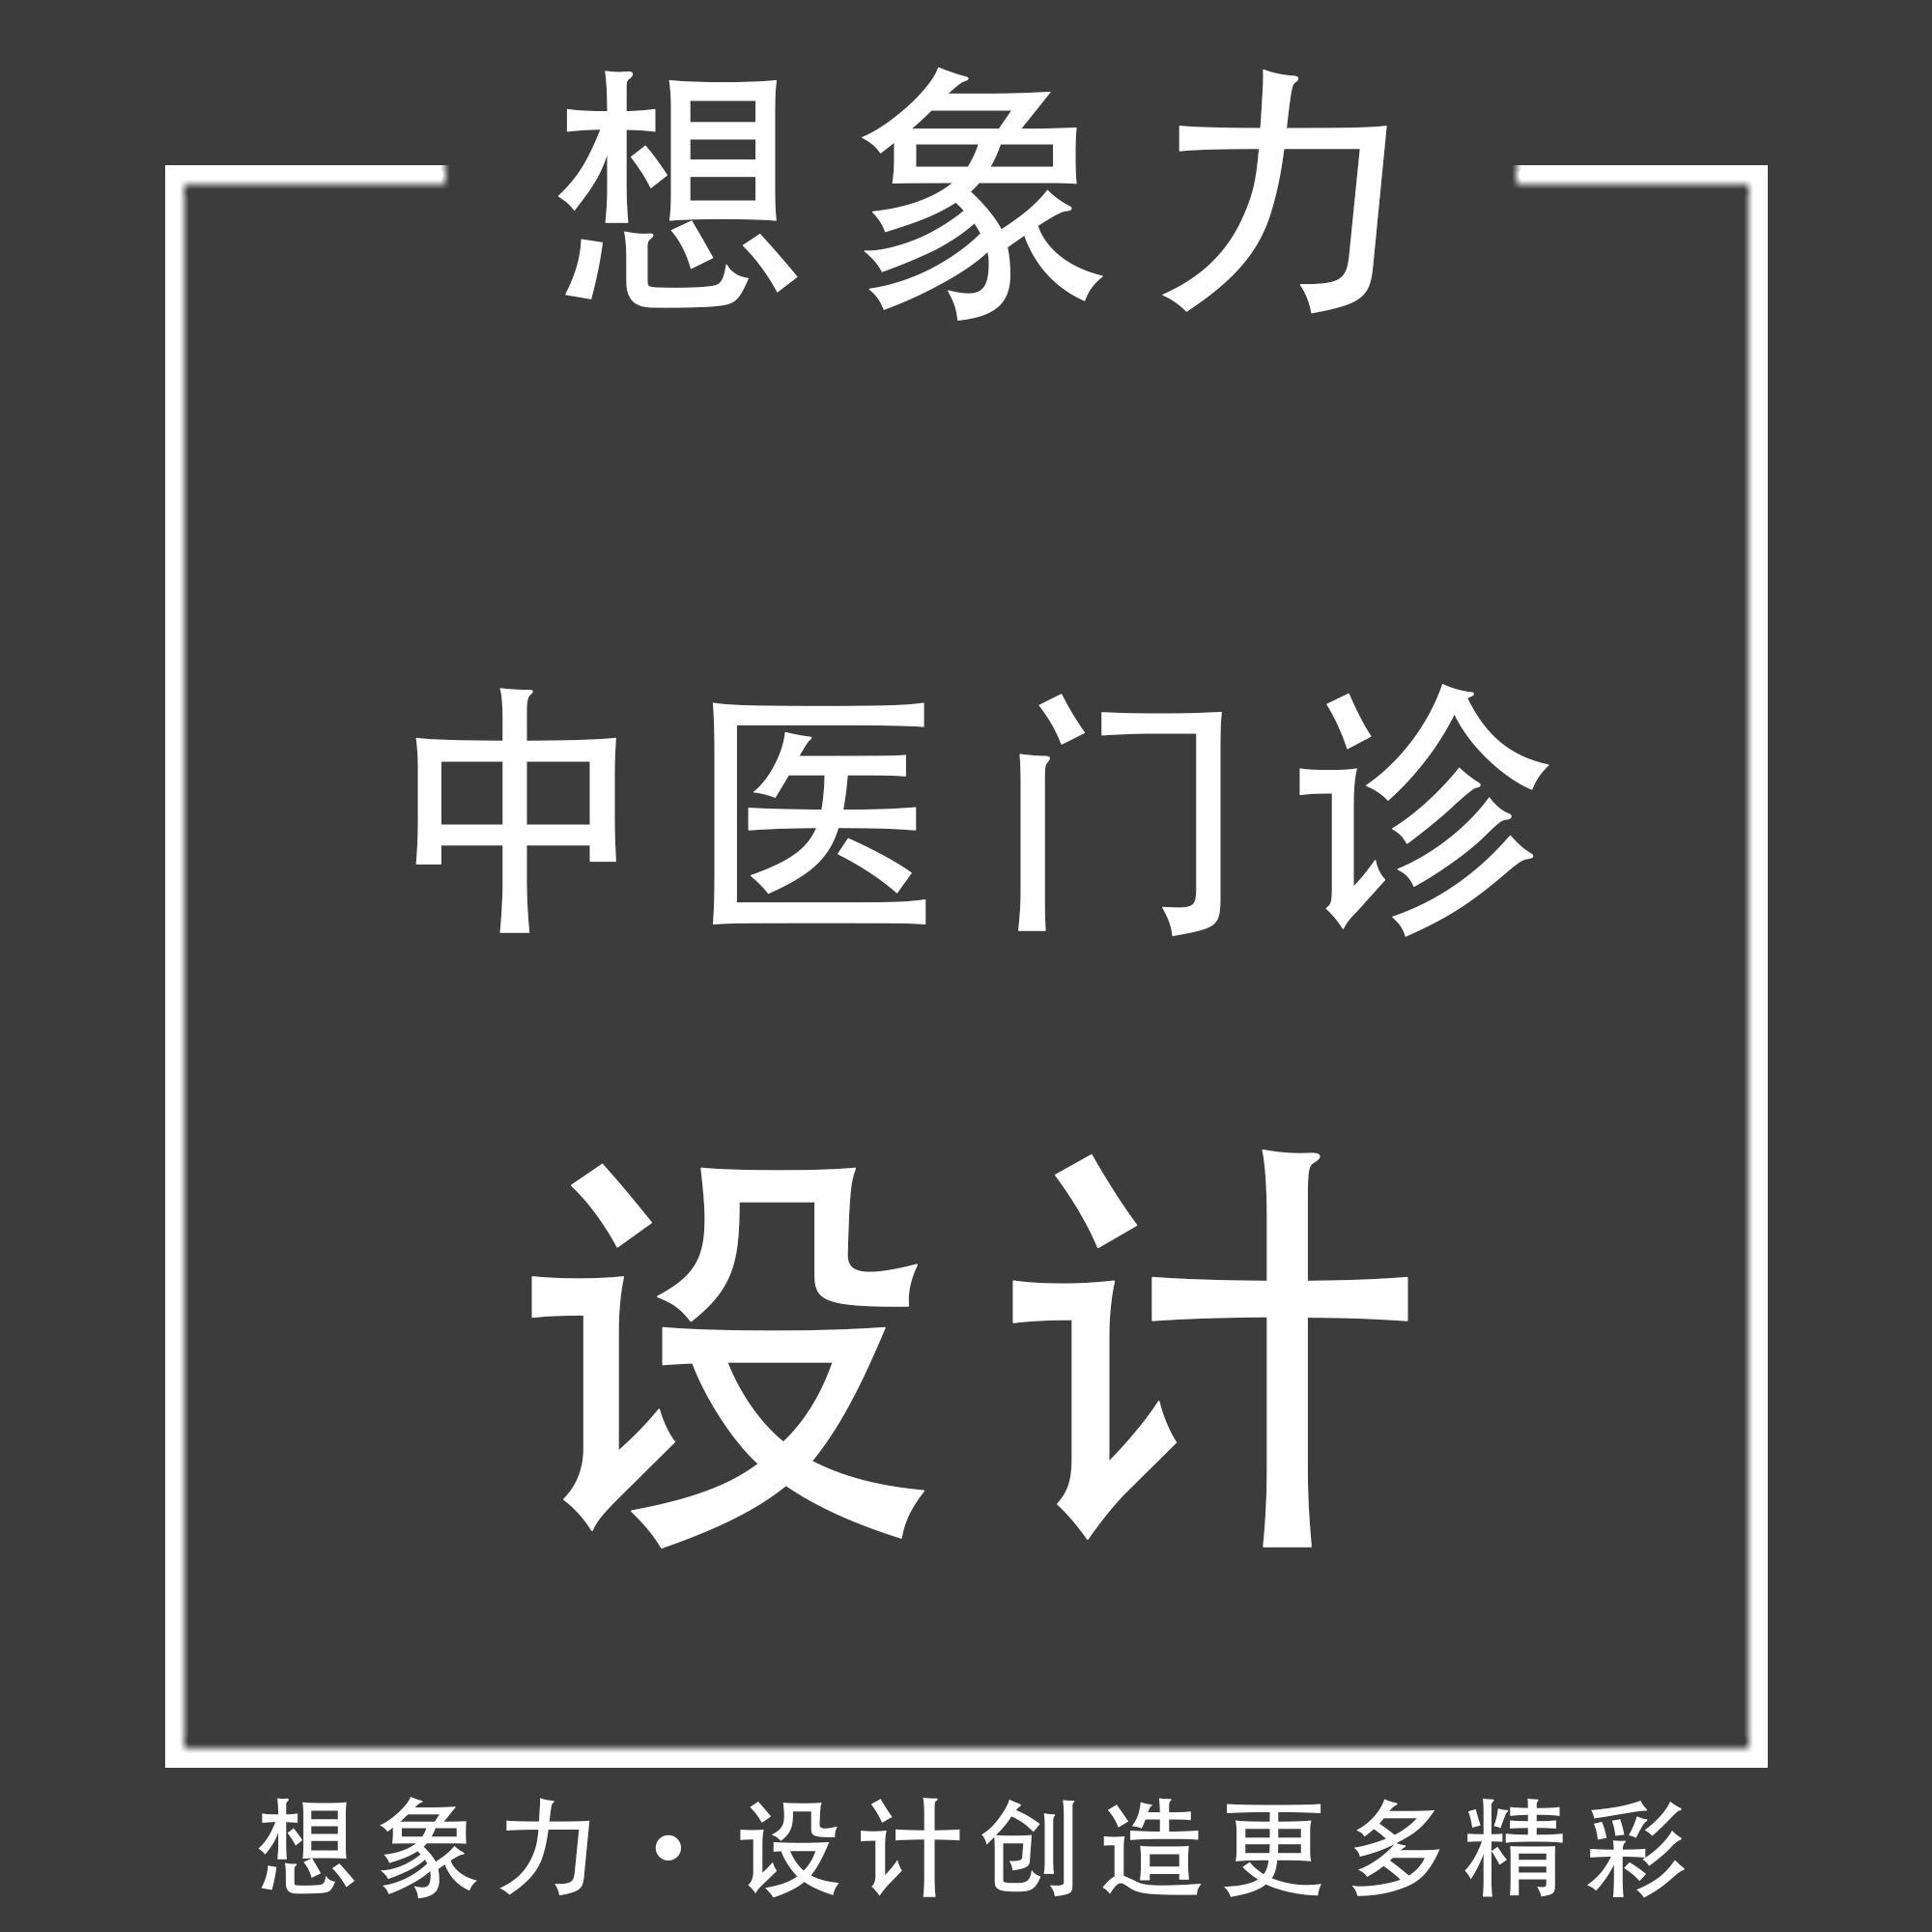 中医门诊空间设计/公装服务设计/全案设计/效果图/施工图